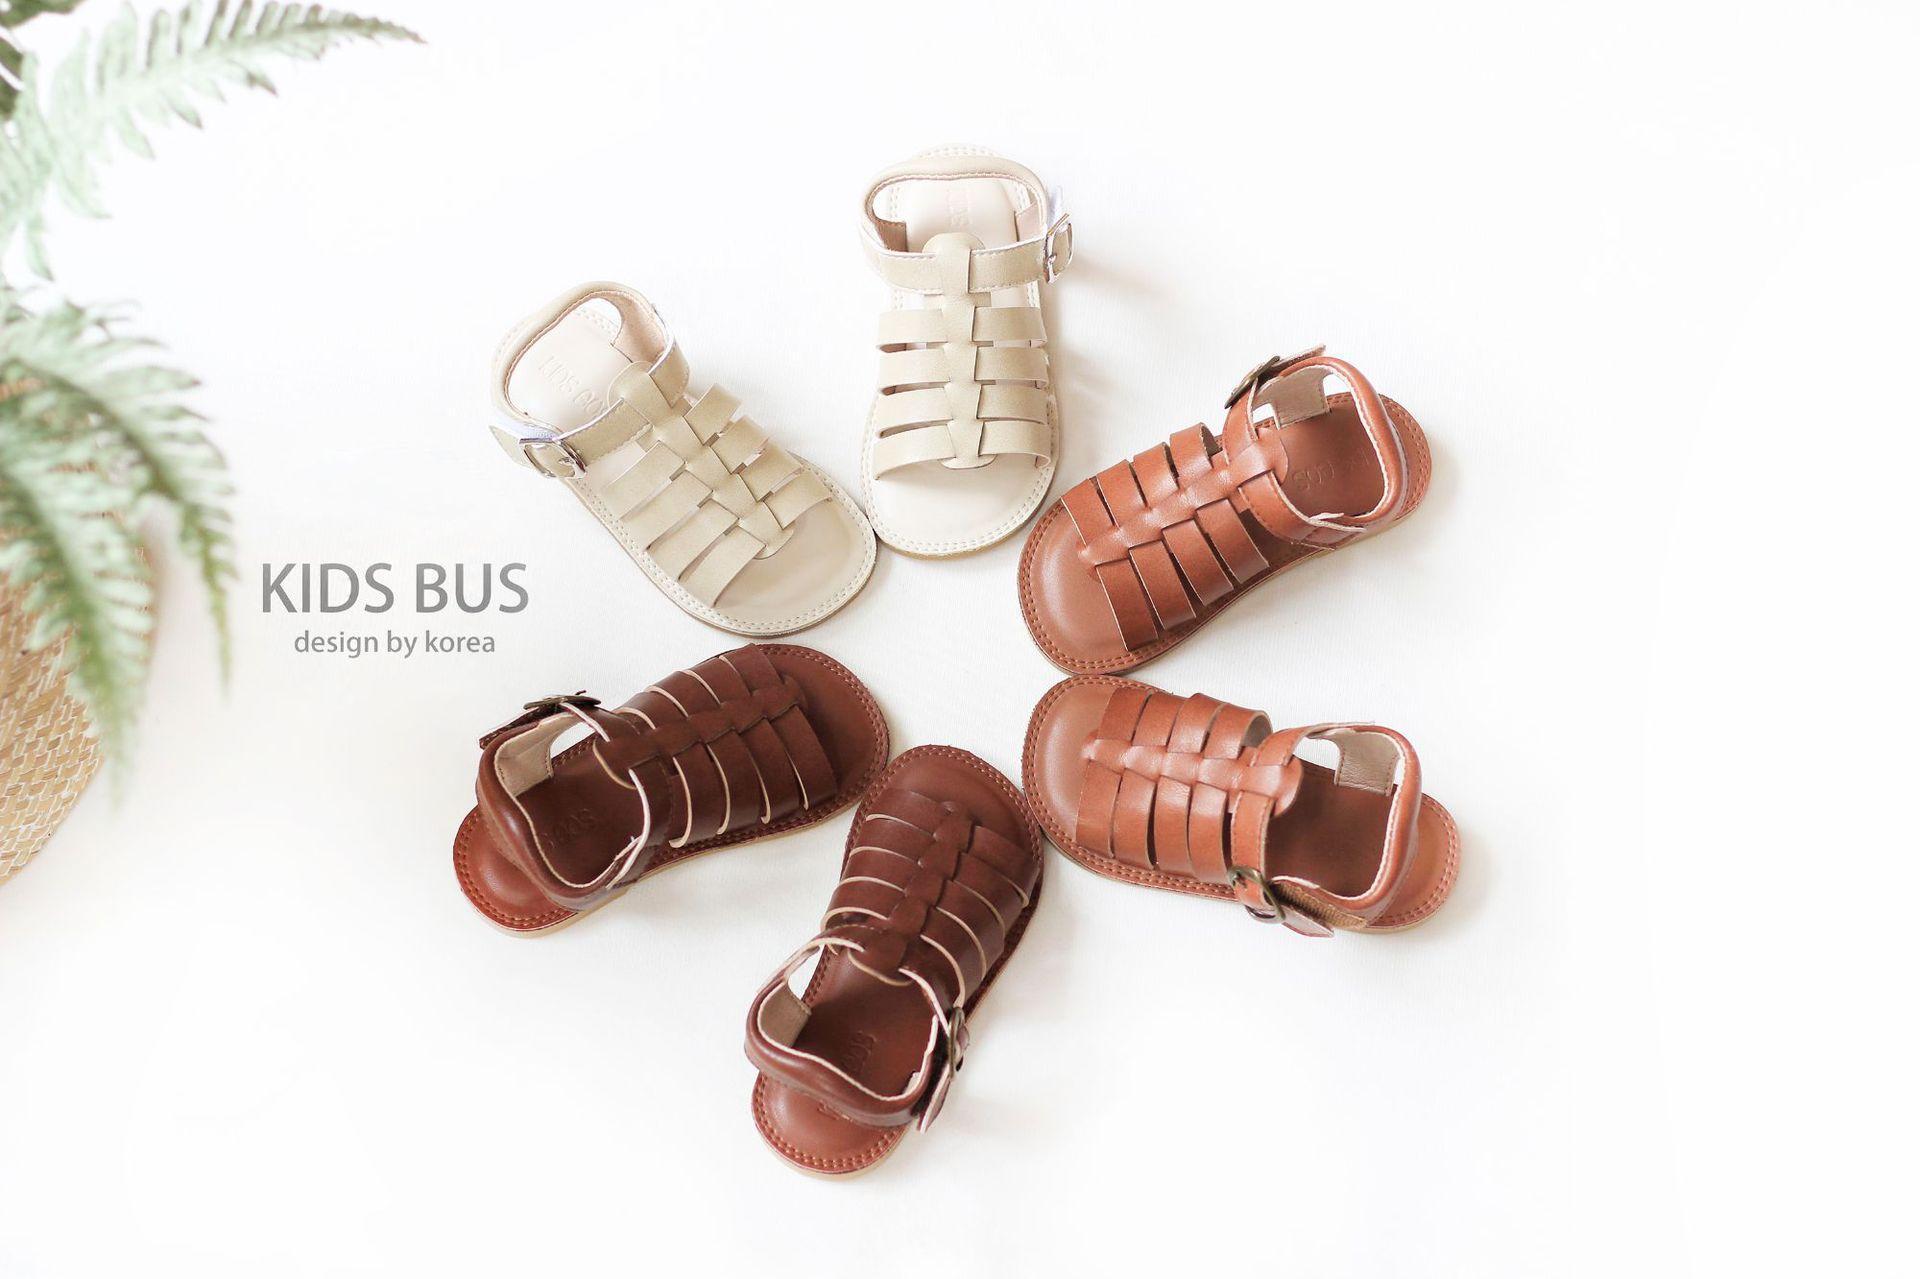 Summer Girls sandals korean style children hollow Roman weaving sandals kids soft leather flat shoes Girls beach shoes A3167